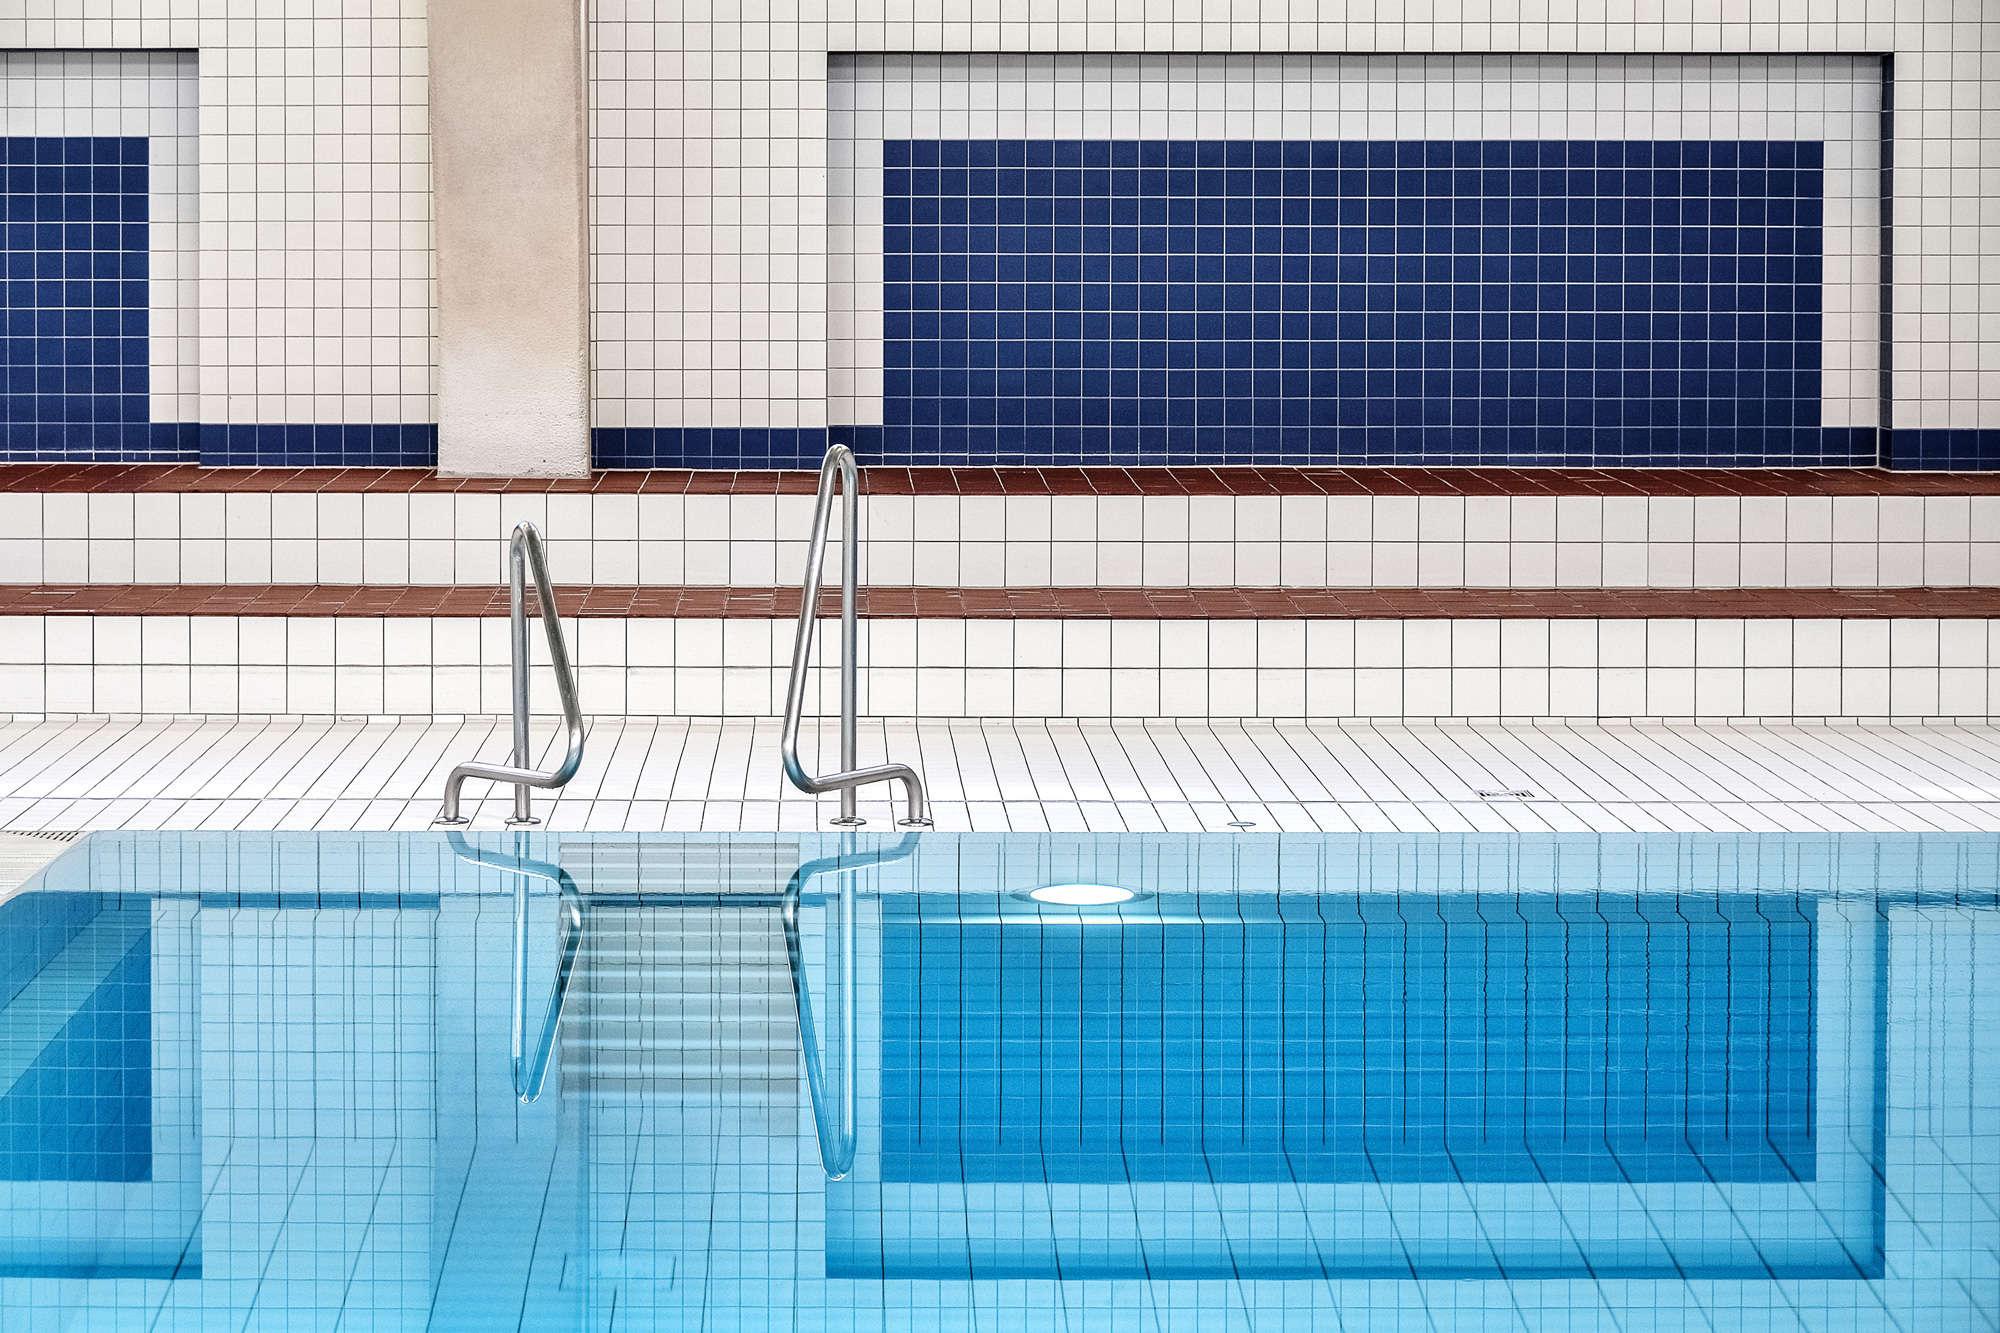 Renate Reichert - Swimming Pool Tiles